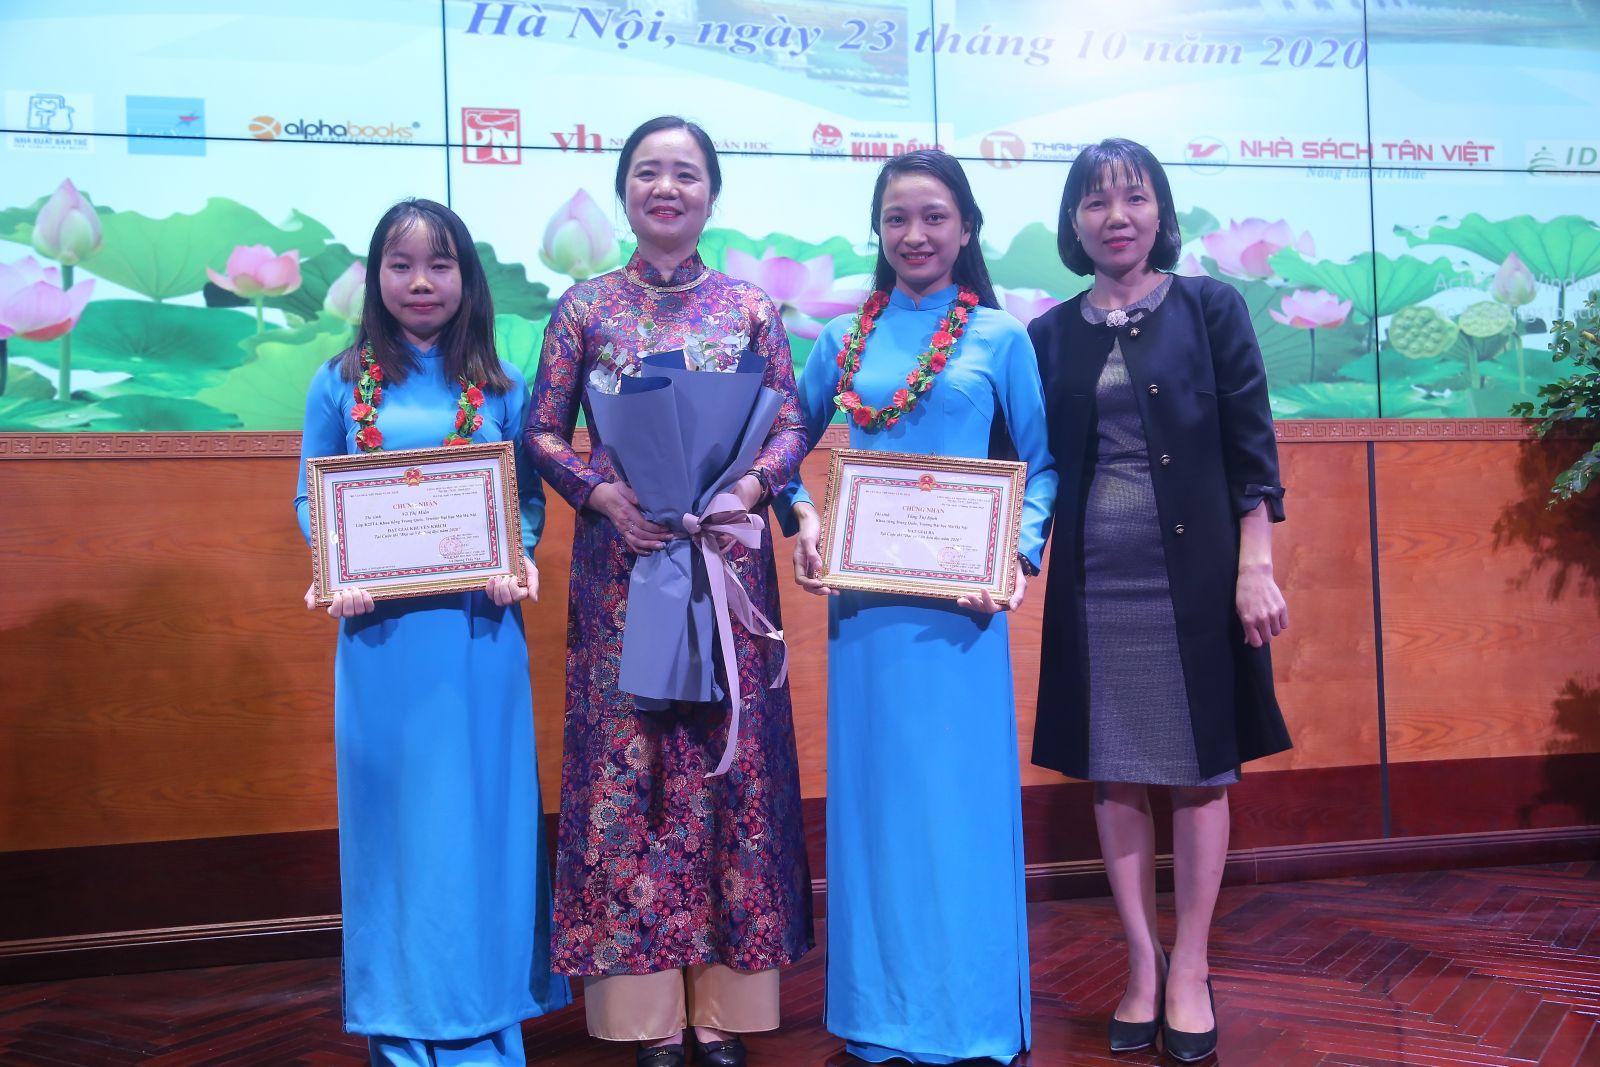 Trường Đại học Mở Hà Nội tổ chức cuộc thi Đại sứ văn hóa đọc HOU 2021